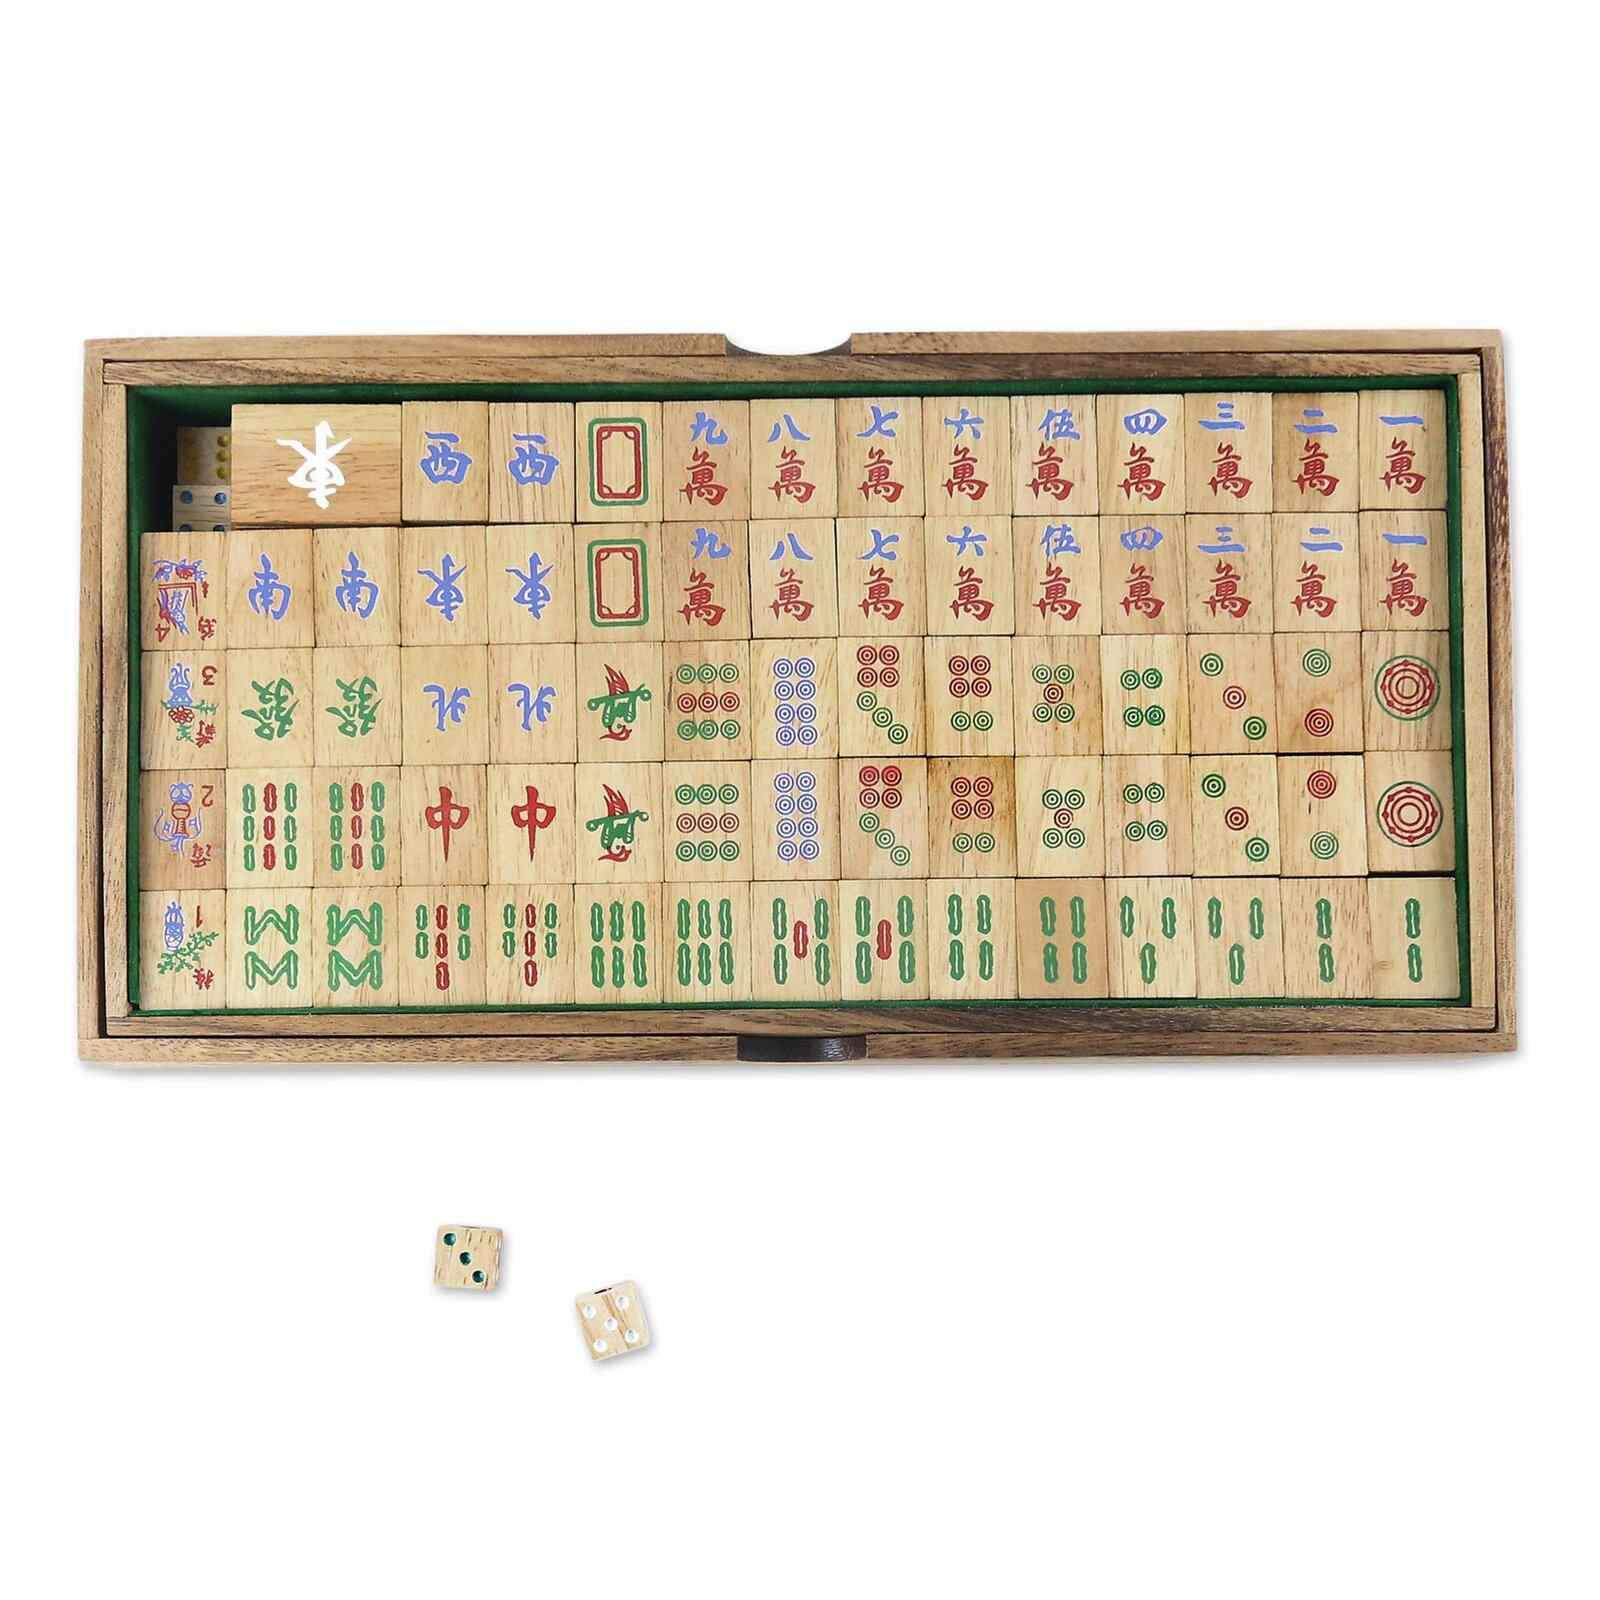 Arlmont & Co. Willingham Handmade Mah Jongg Game